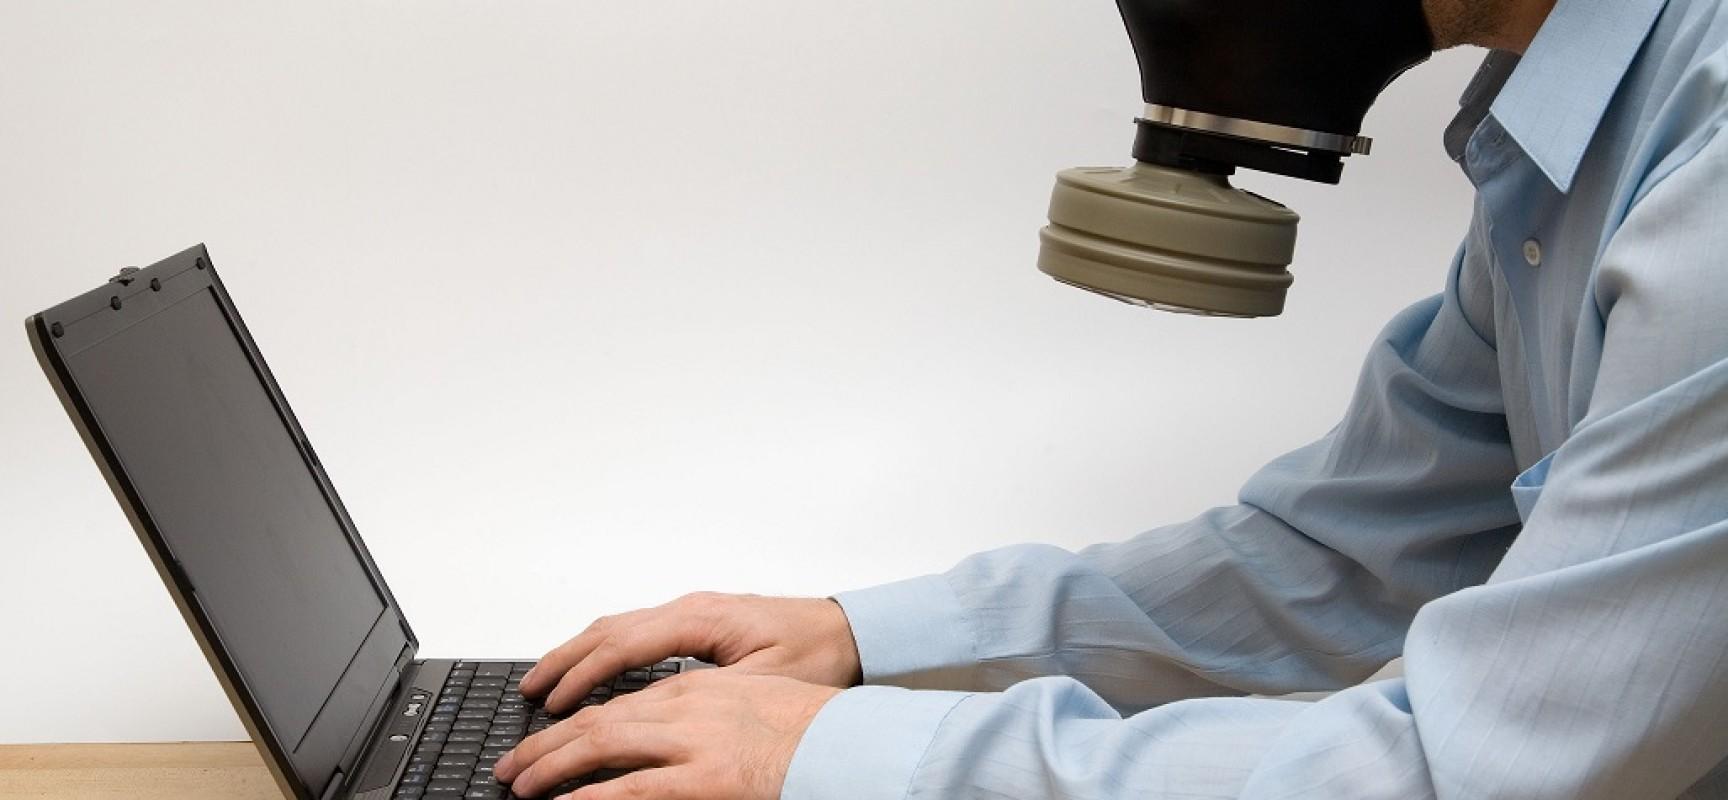 Перечень вредных факторов при работе на компьютере